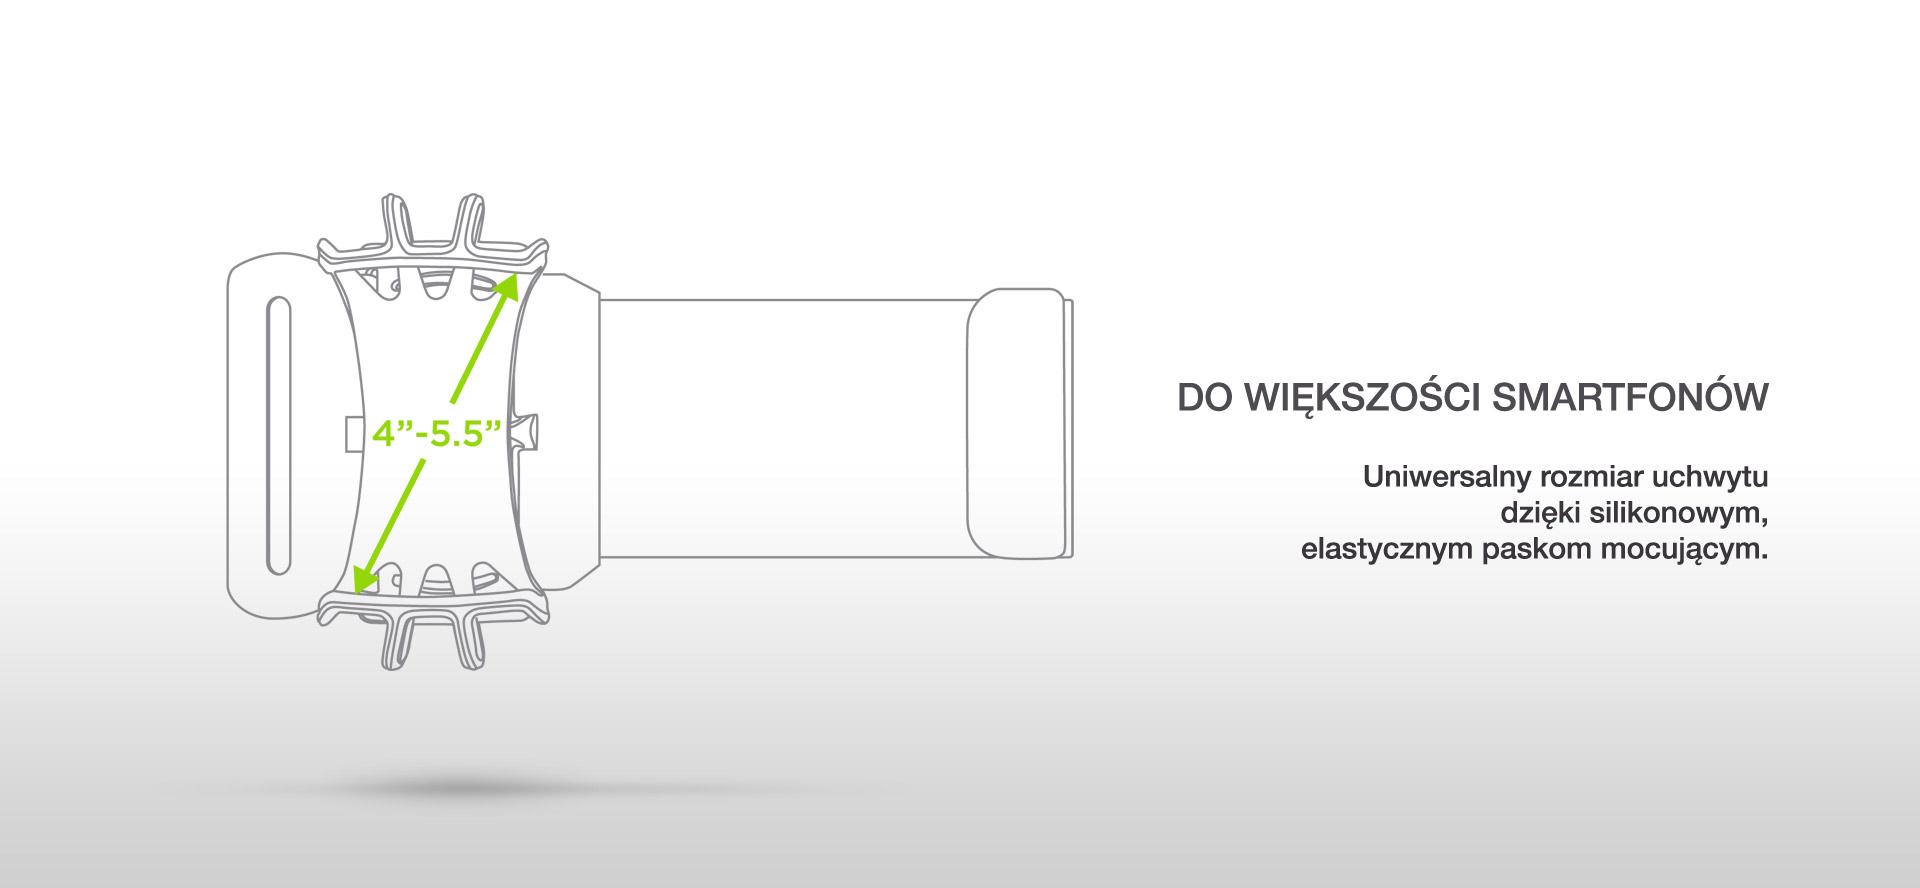 DO WIĘKSZOŚCI SMARTFONÓW. Uniwersalny rozmiar uchwytu dzięki silikonowym, elastycznym paskom mocującym.